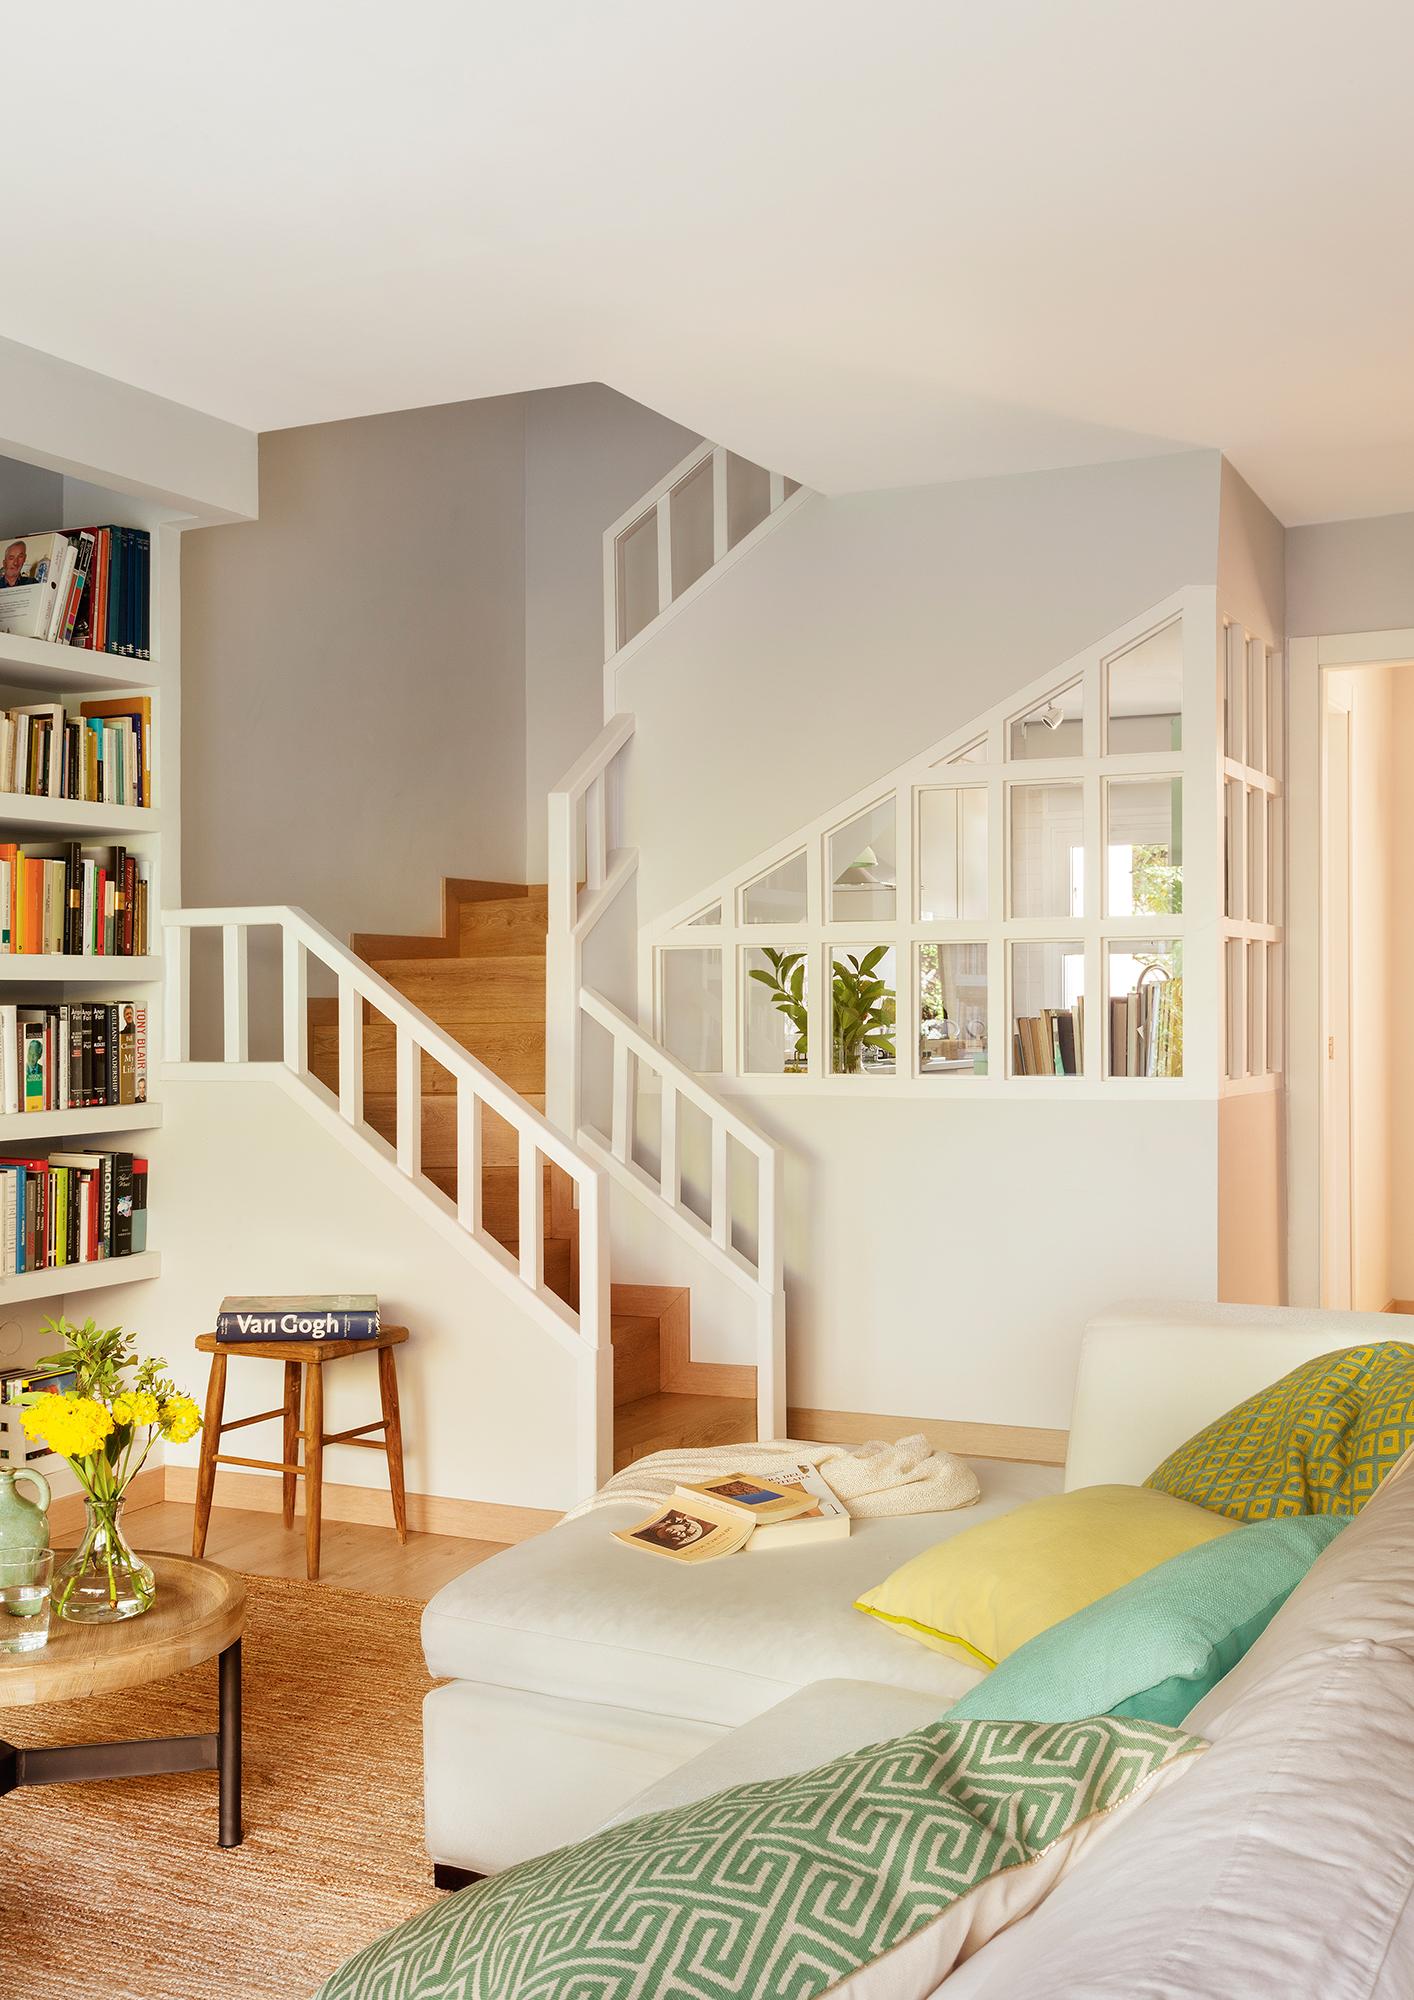 Escaleras c mo planificarlas con acierto for Diseno de escaleras para espacios pequenos